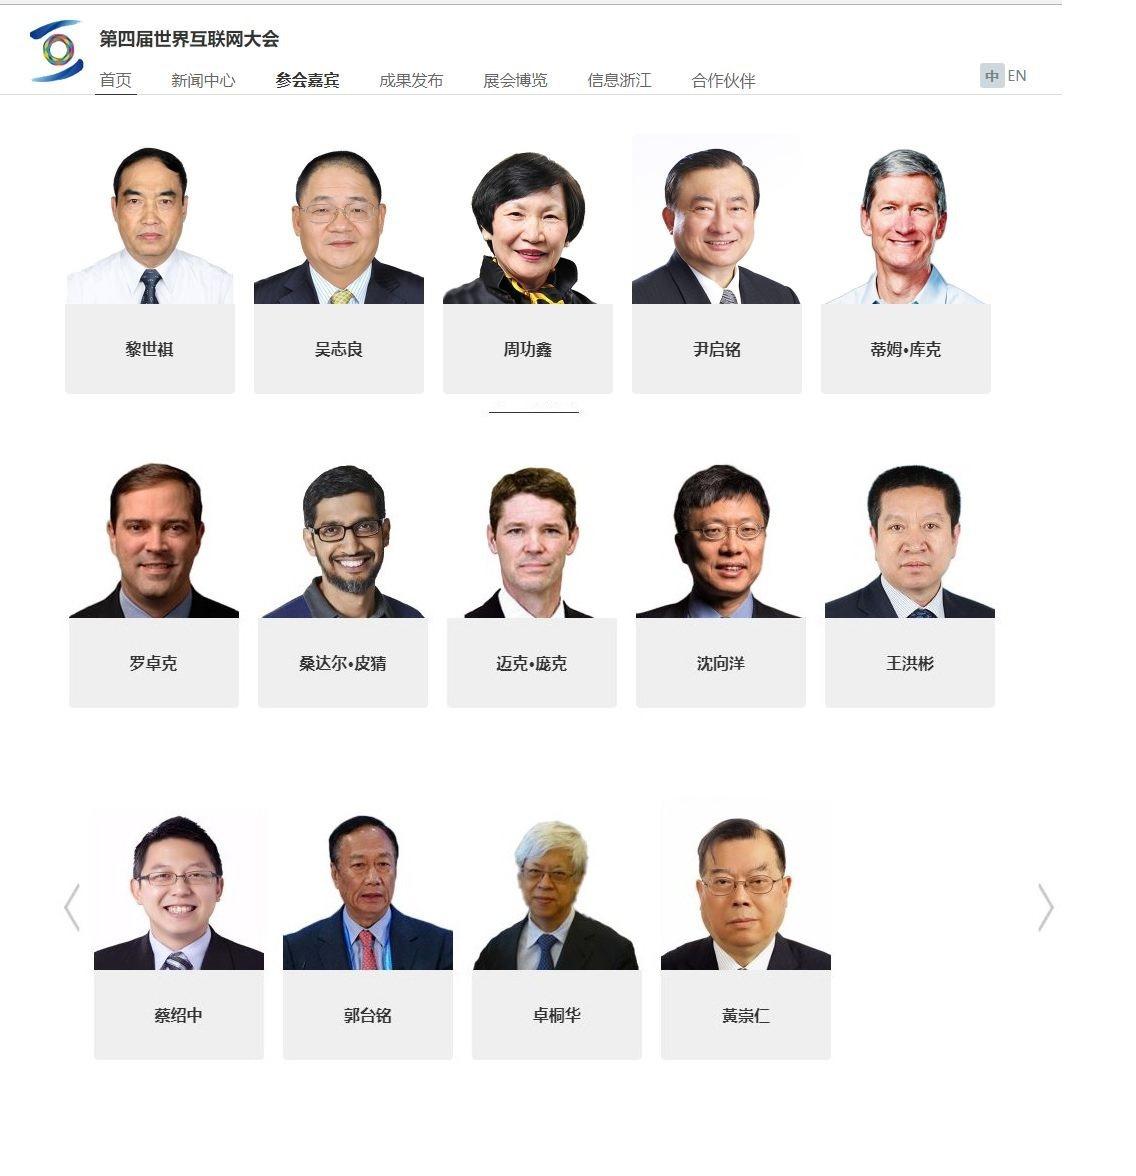 第四屆世界互聯網大會官網截圖